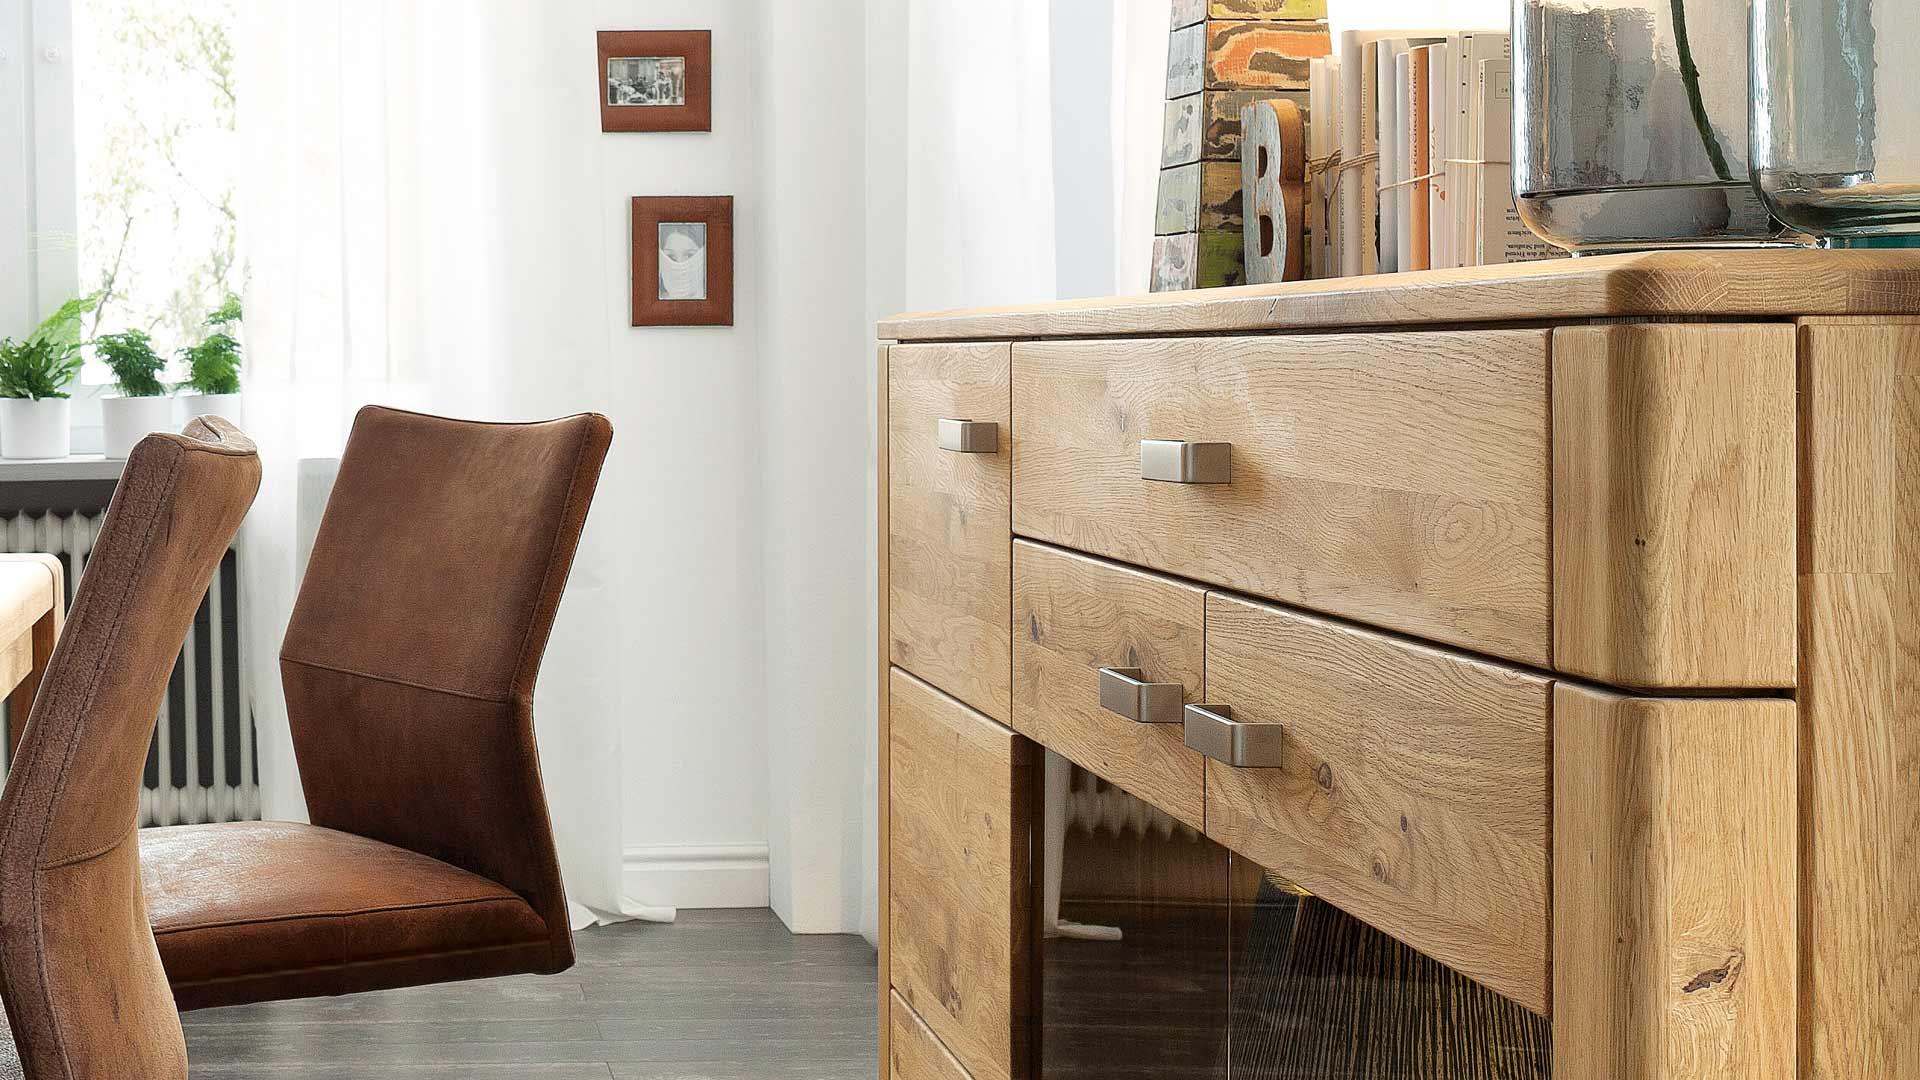 natura cartago von natura einrichten in moormerland ot warsingsfehn nahe leer ostfriesland. Black Bedroom Furniture Sets. Home Design Ideas